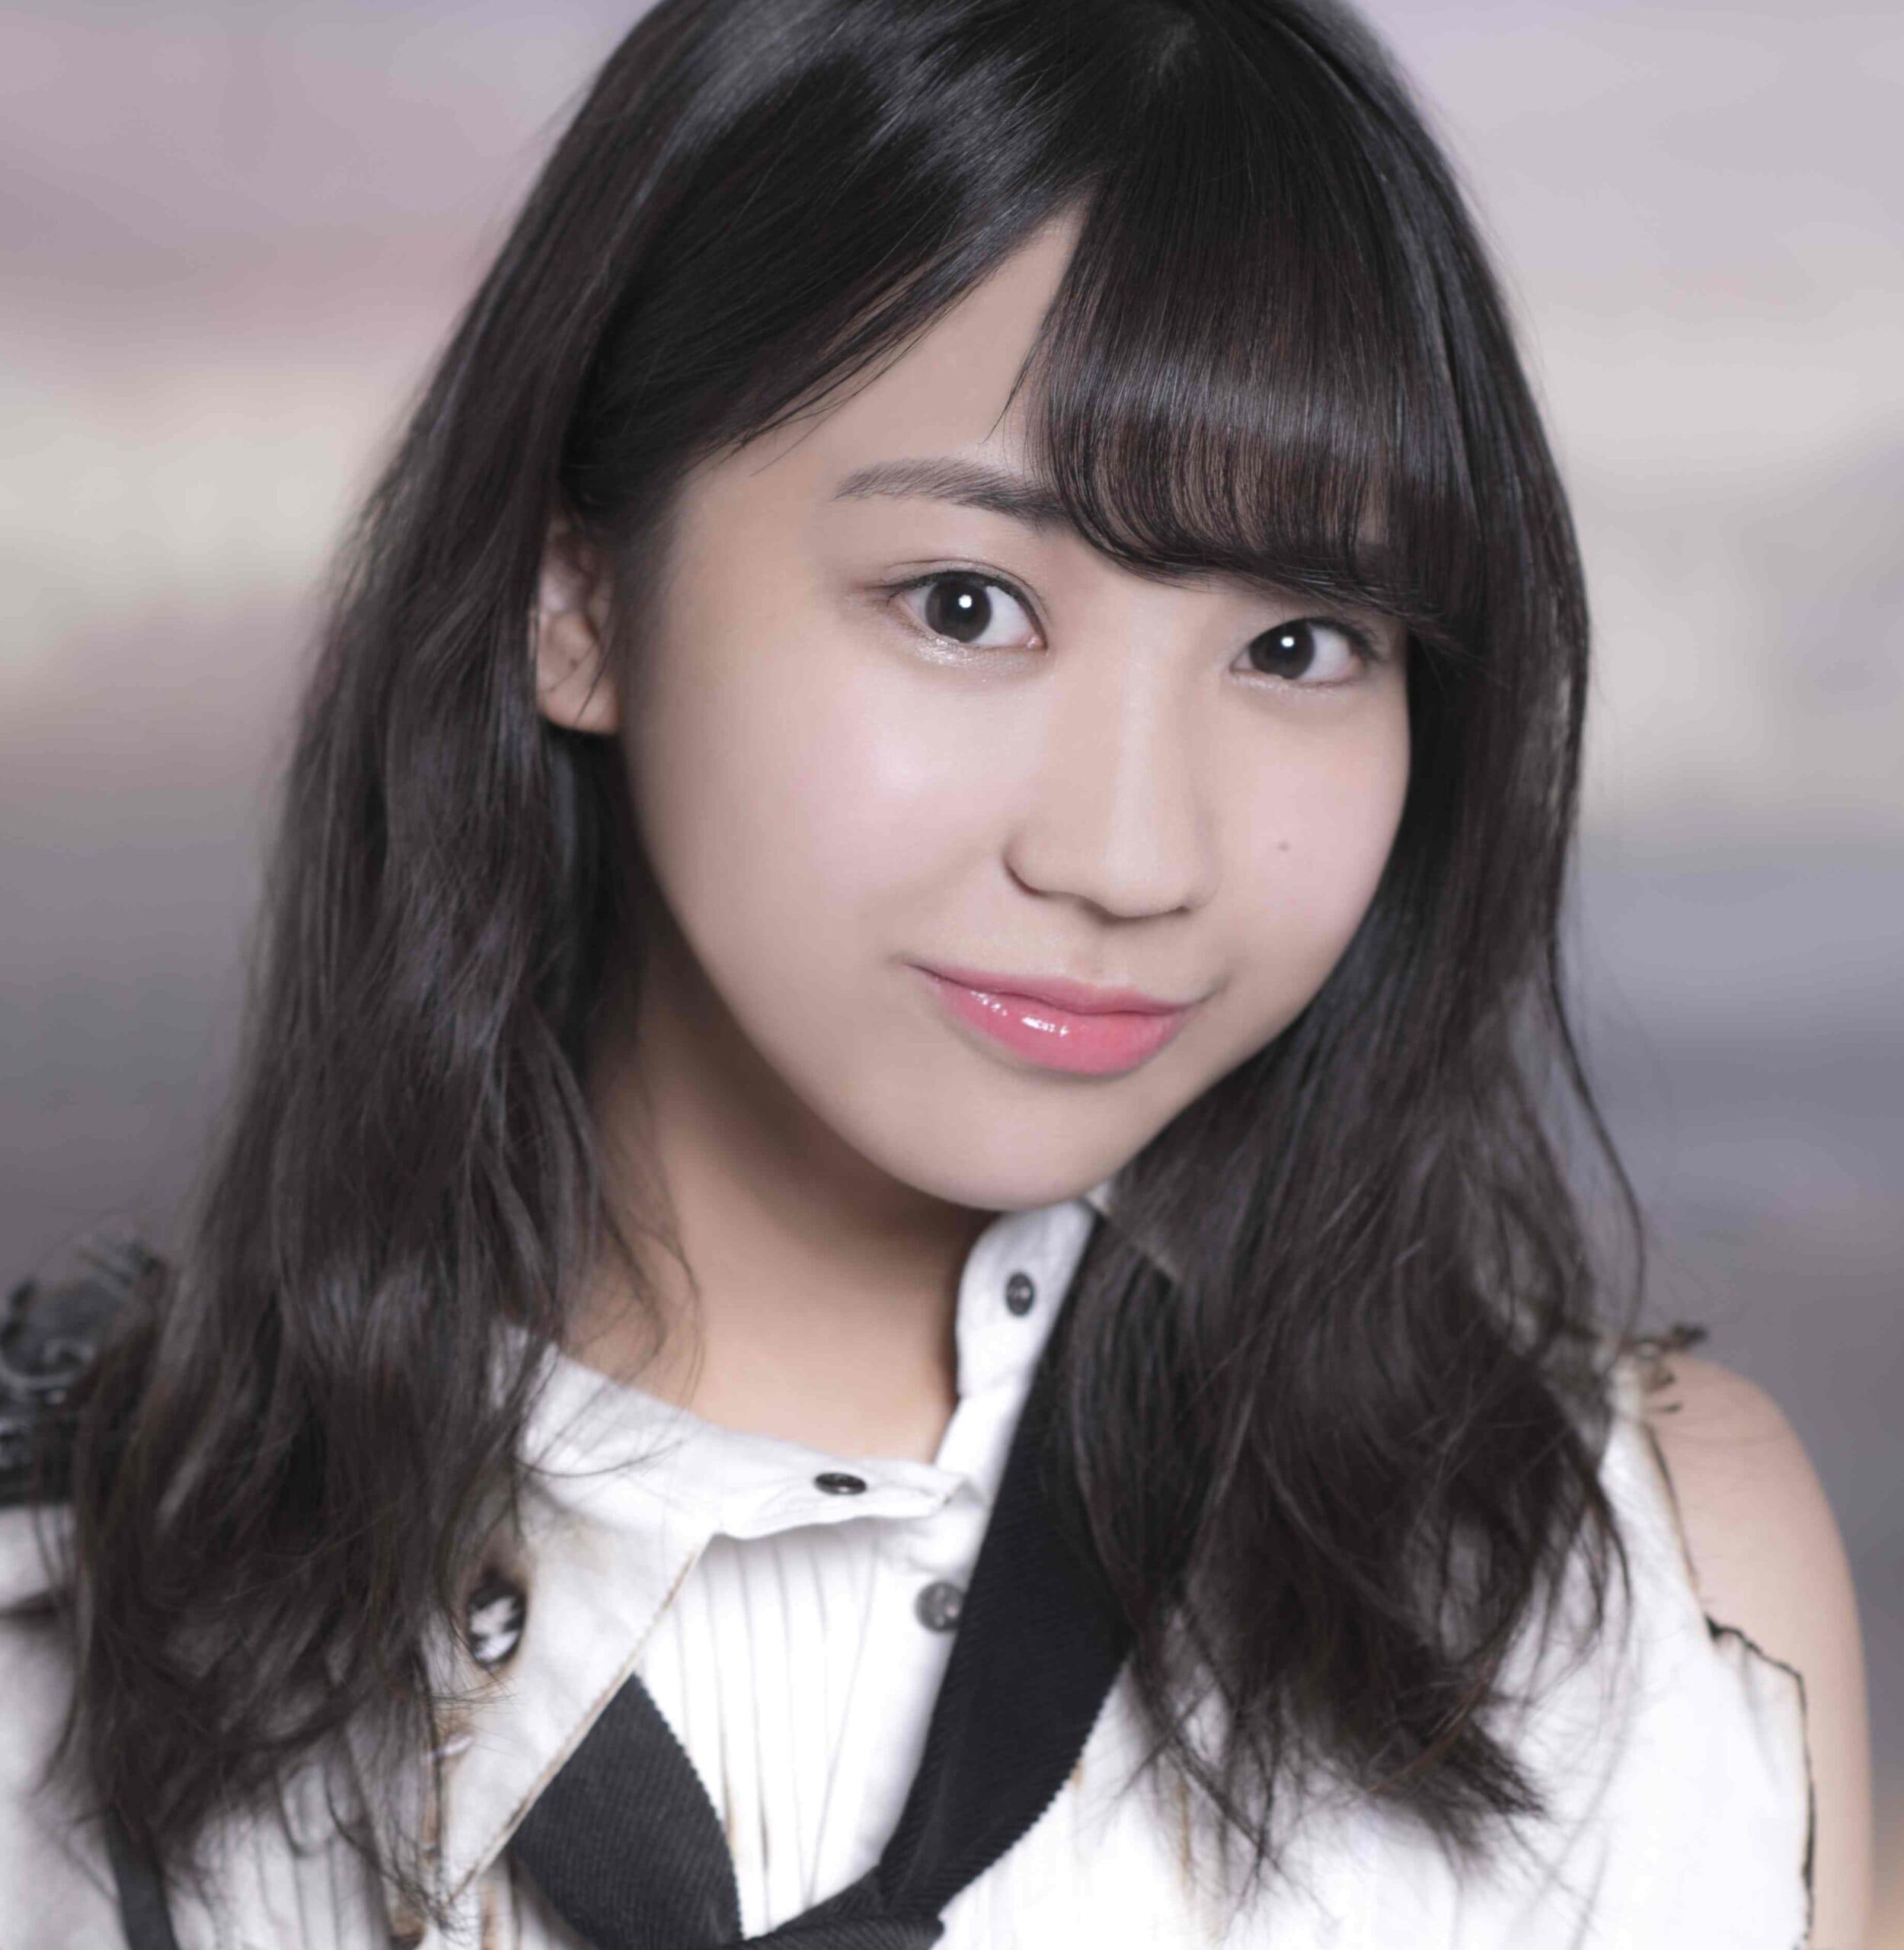 SKE48日高優月「ほんとは◯◯が欲しかったけど…」【「ガチ私服」抜き打ちチェック!】